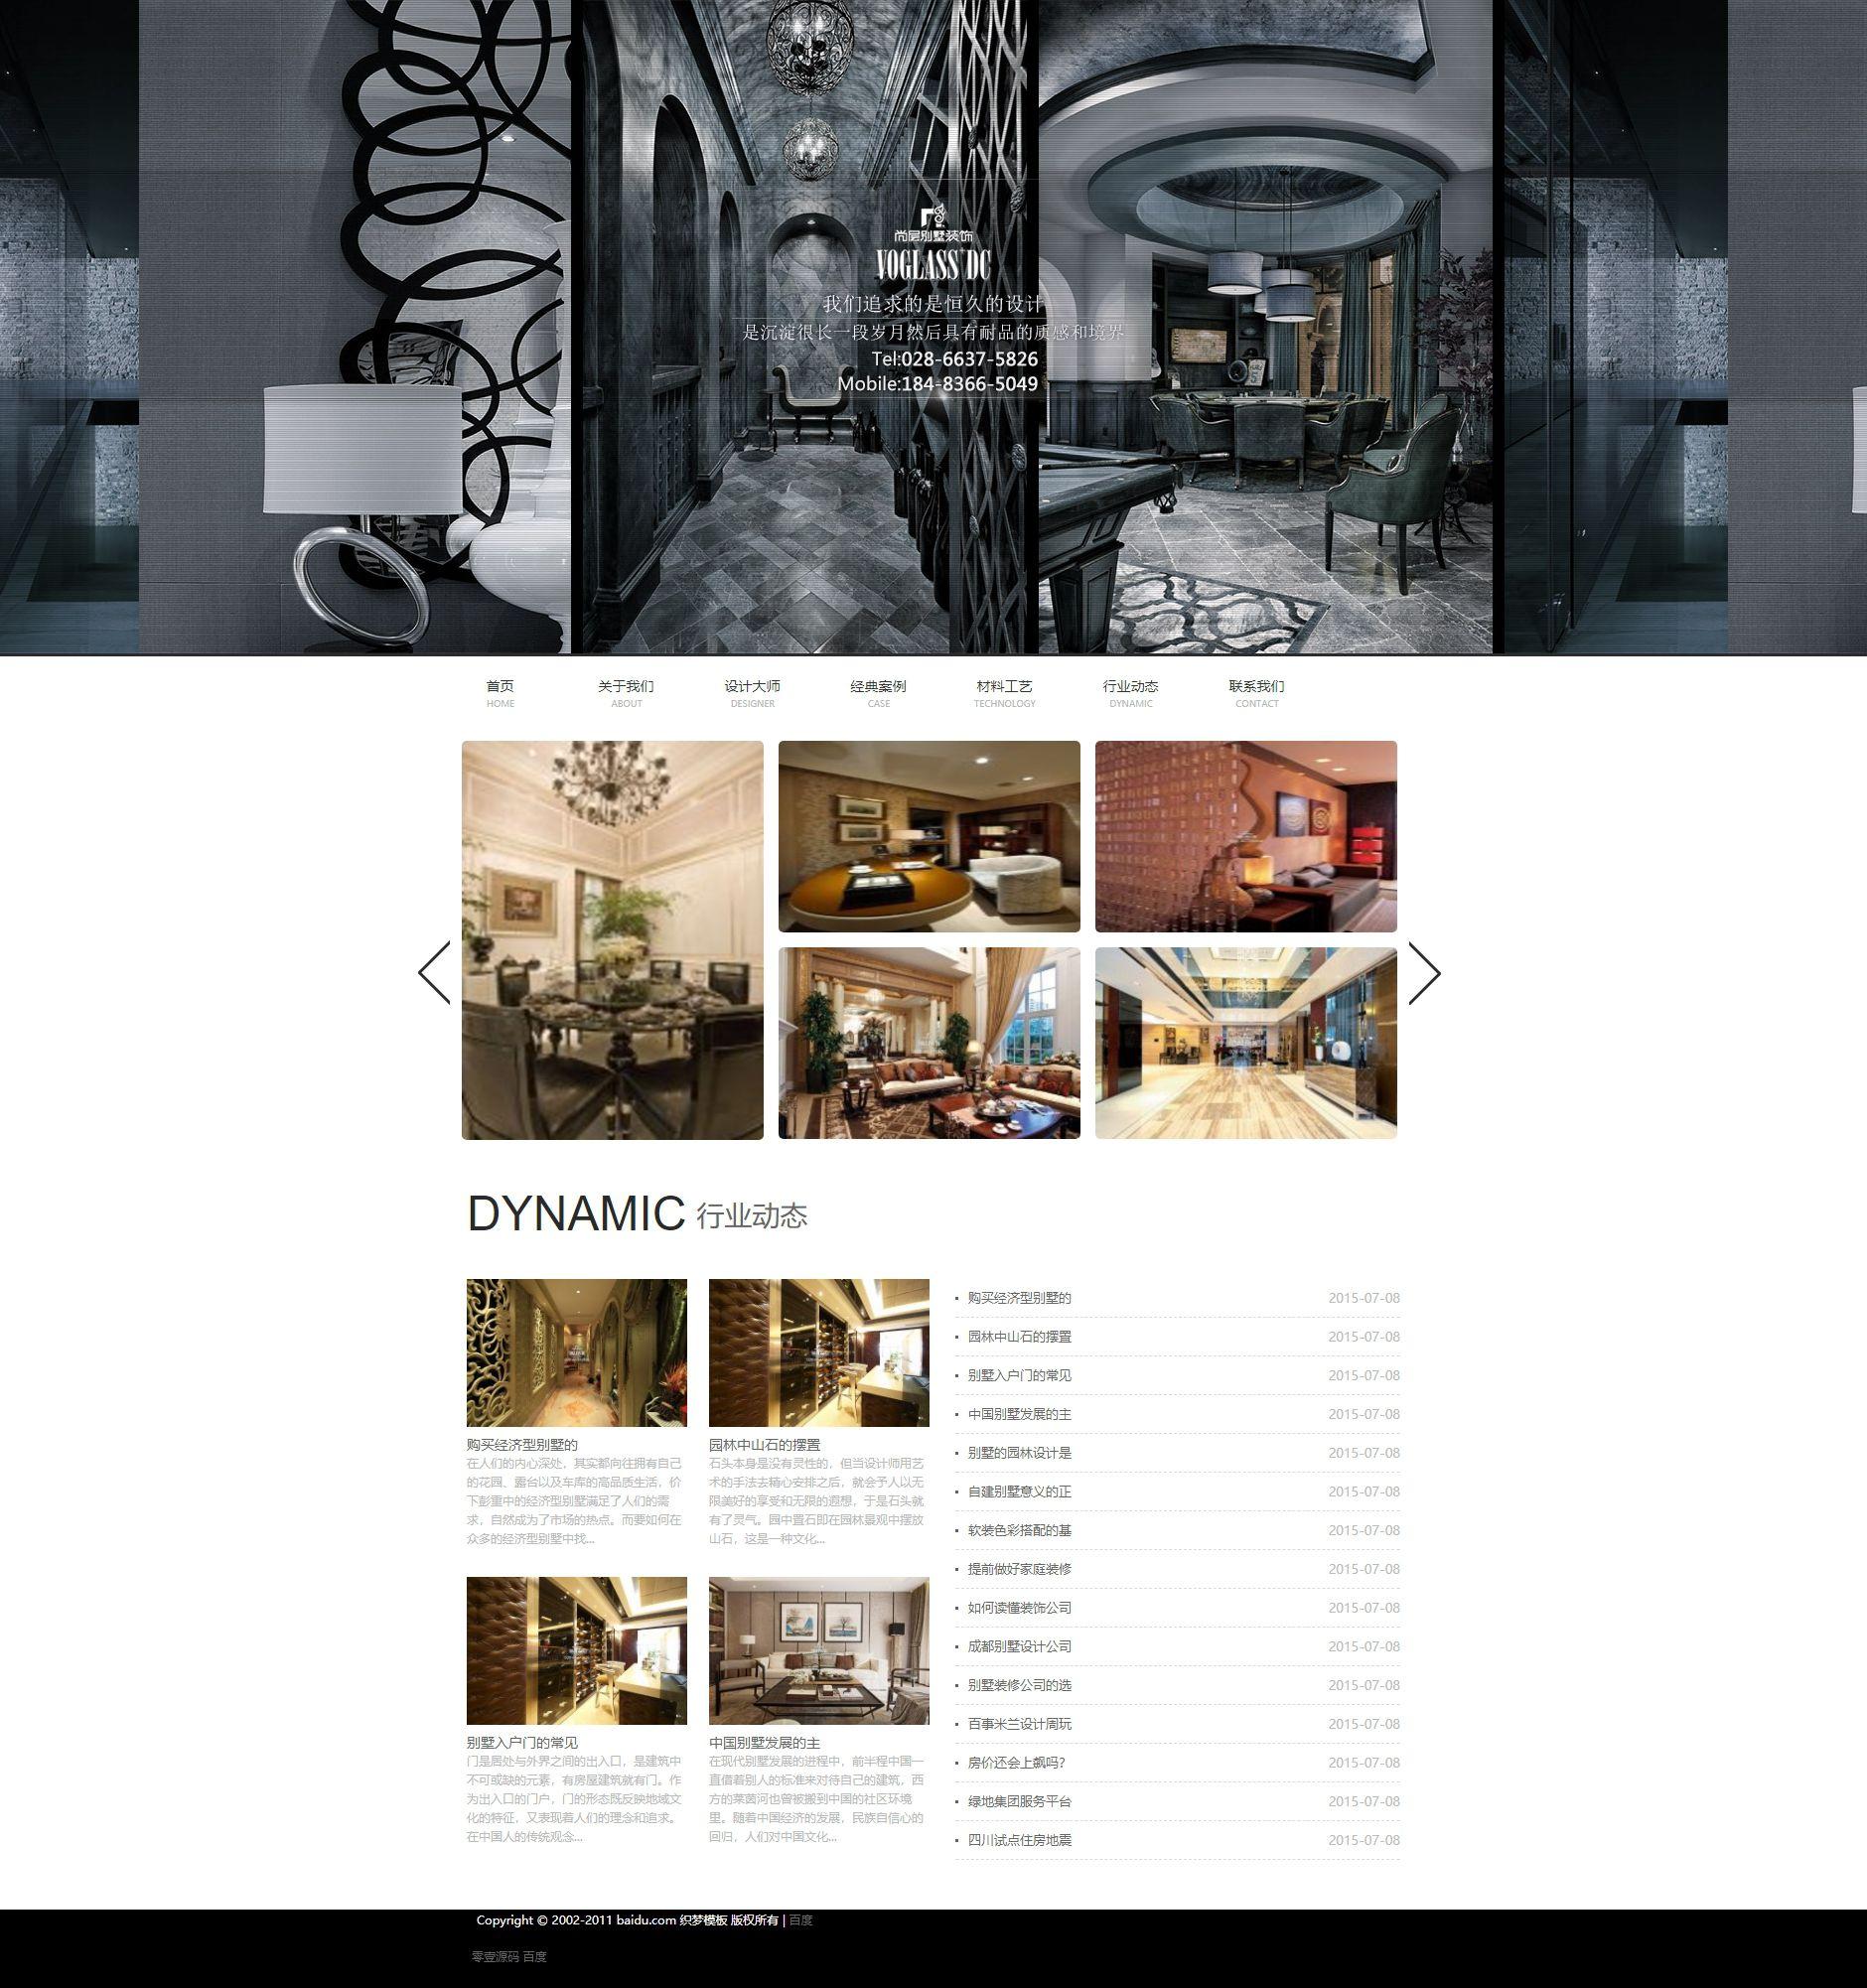 广告设计别墅装饰工作室类企业织梦dedecms模板